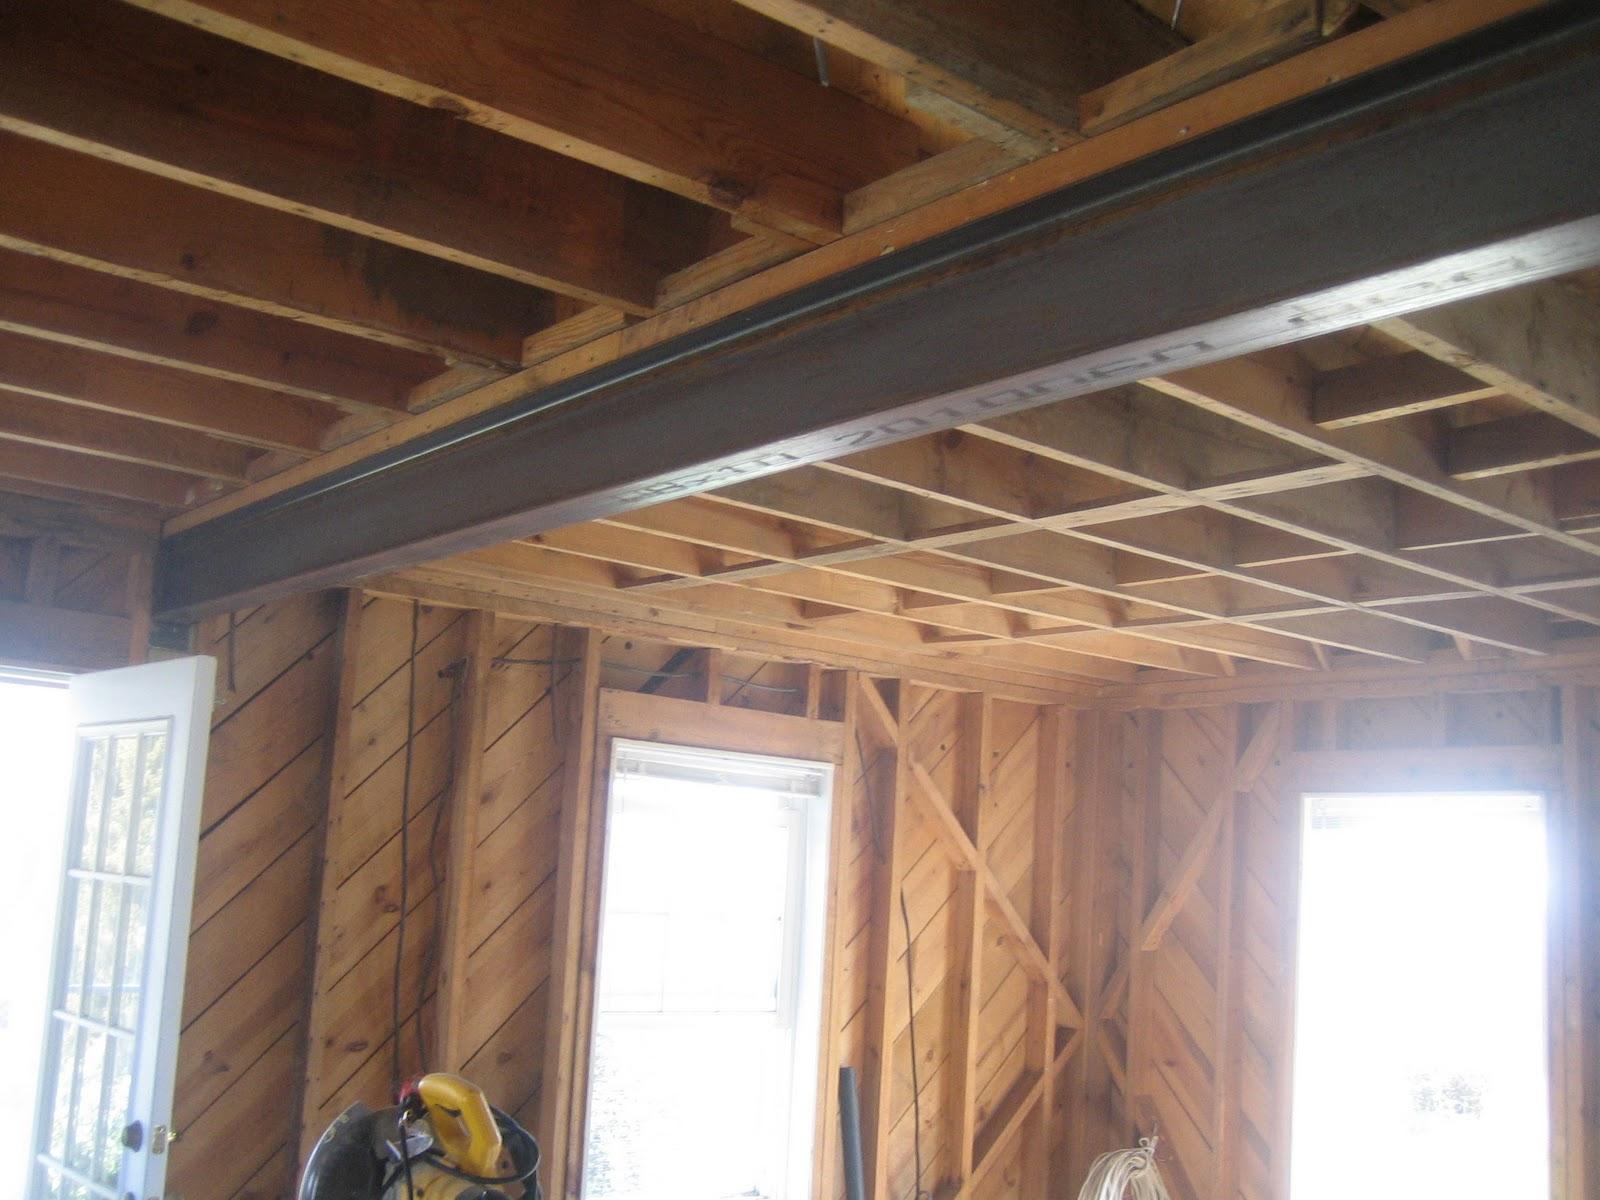 Metal Ceiling Support Beams: Renovation: Steel Beam Header